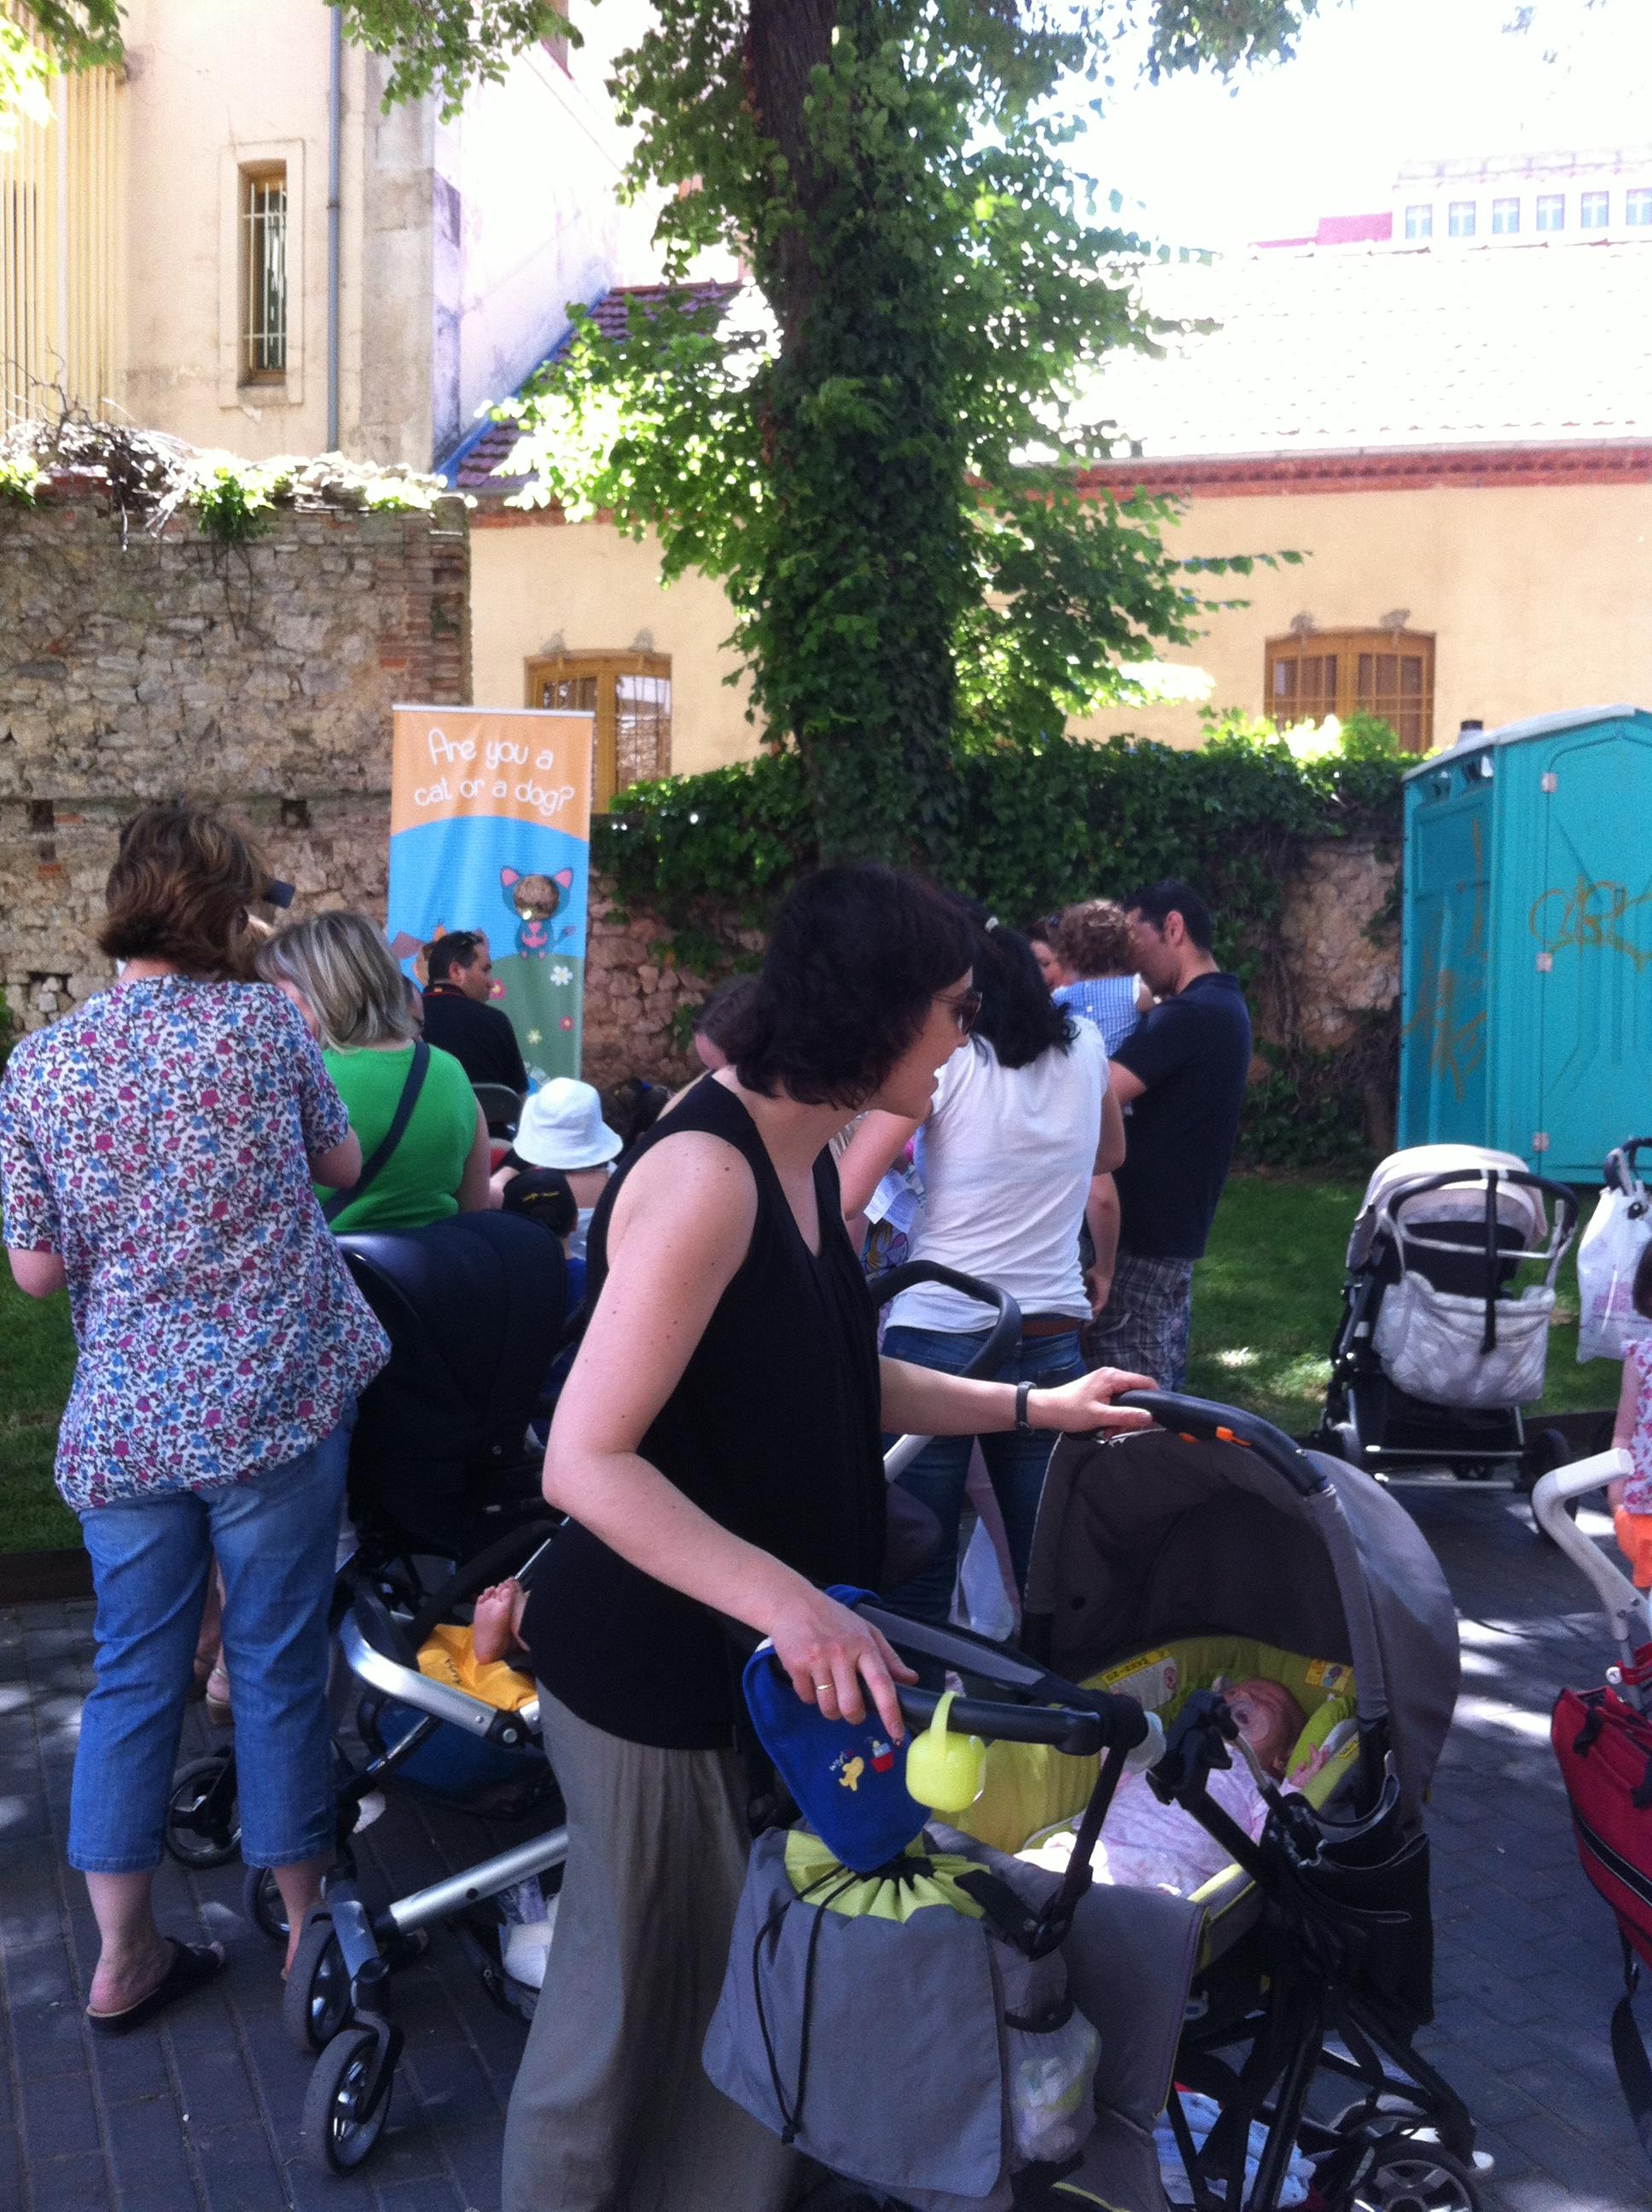 Welcome to the World Burgos Paruqe de Mero el Jardinero